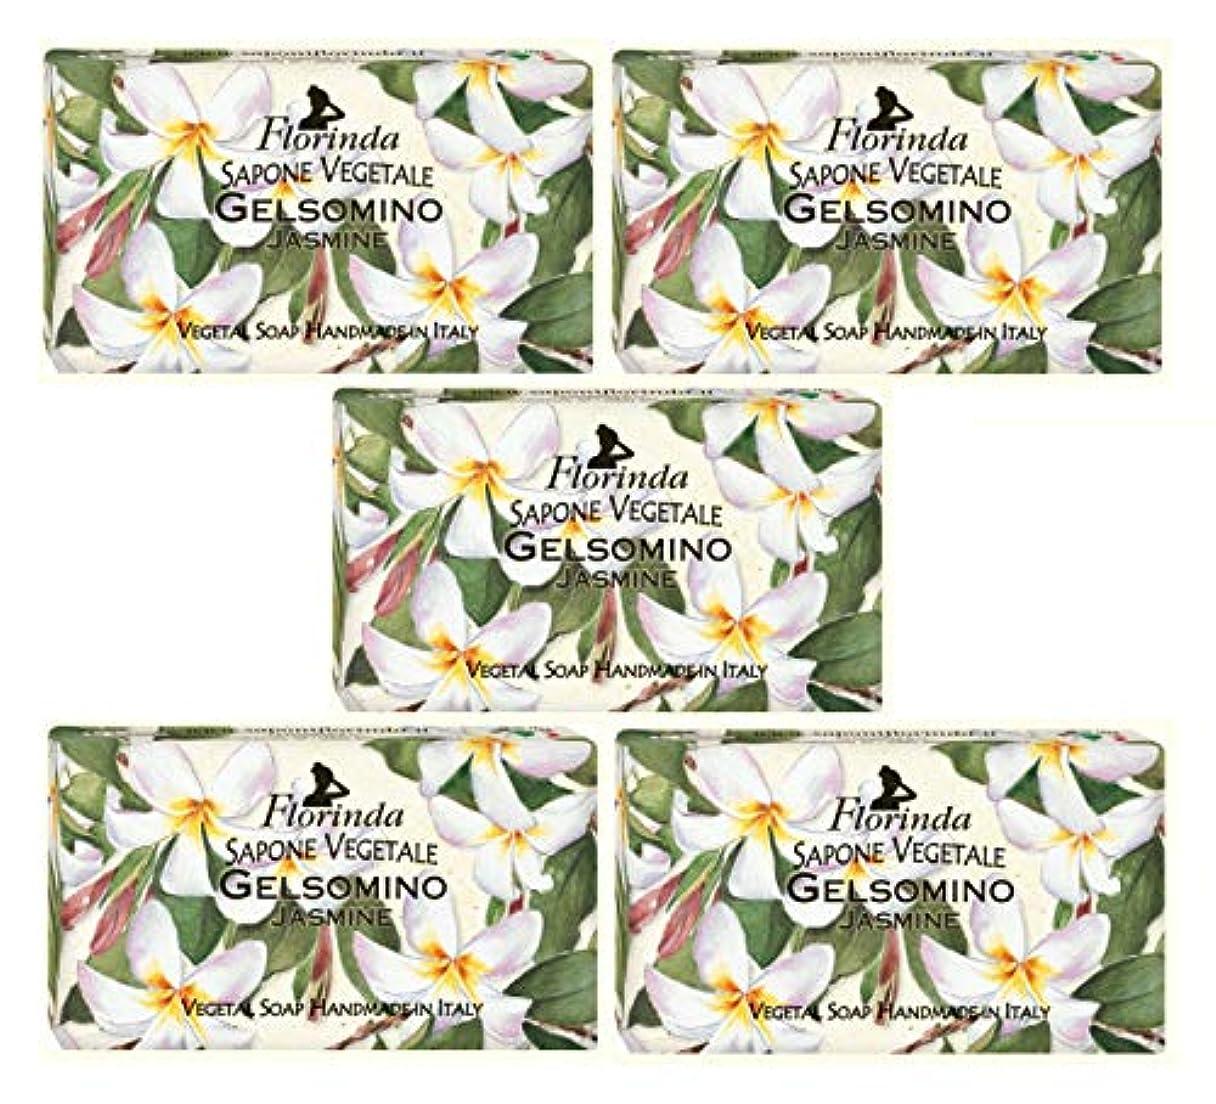 グリップ対フルートフロリンダ フレグランスソープ 固形石けん 花の香り ジャスミン 95g×5個セット